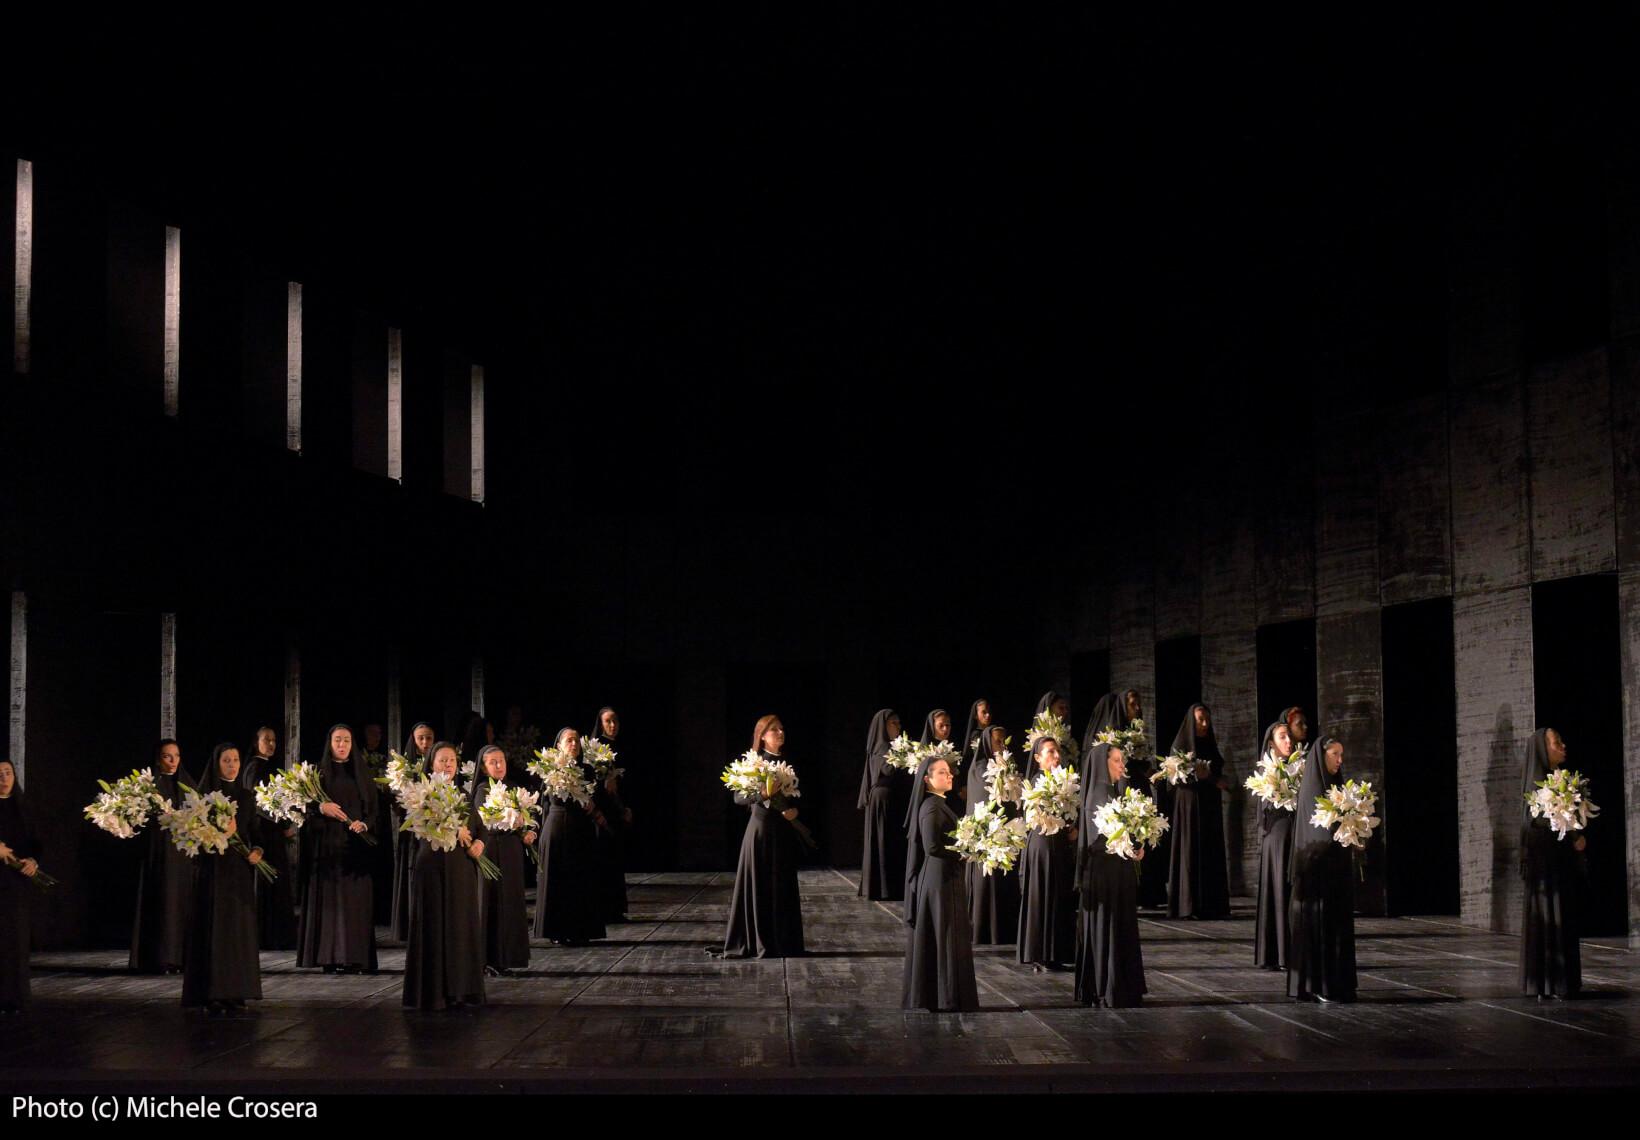 Teatro La Fenice - Don Carlo, a. I.2 sc. 1 - foto @ Michele Crosera